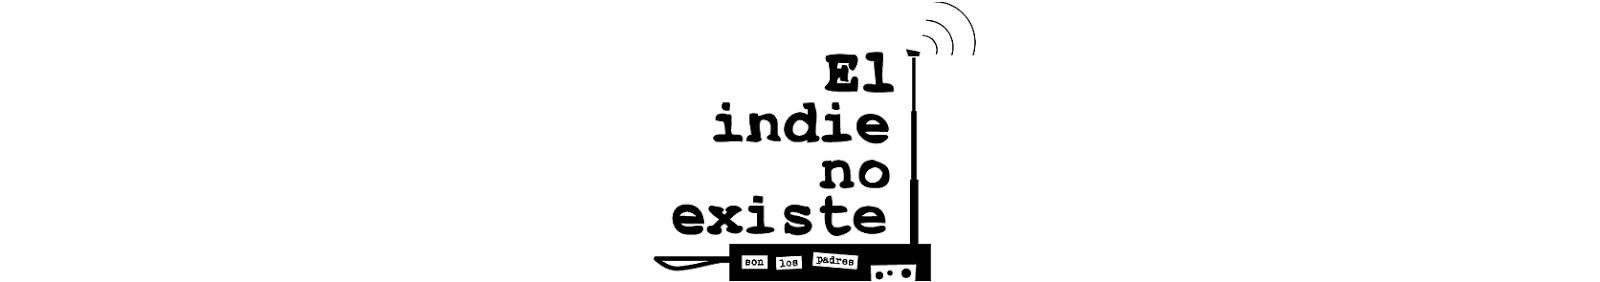 Elindienoexiste.com